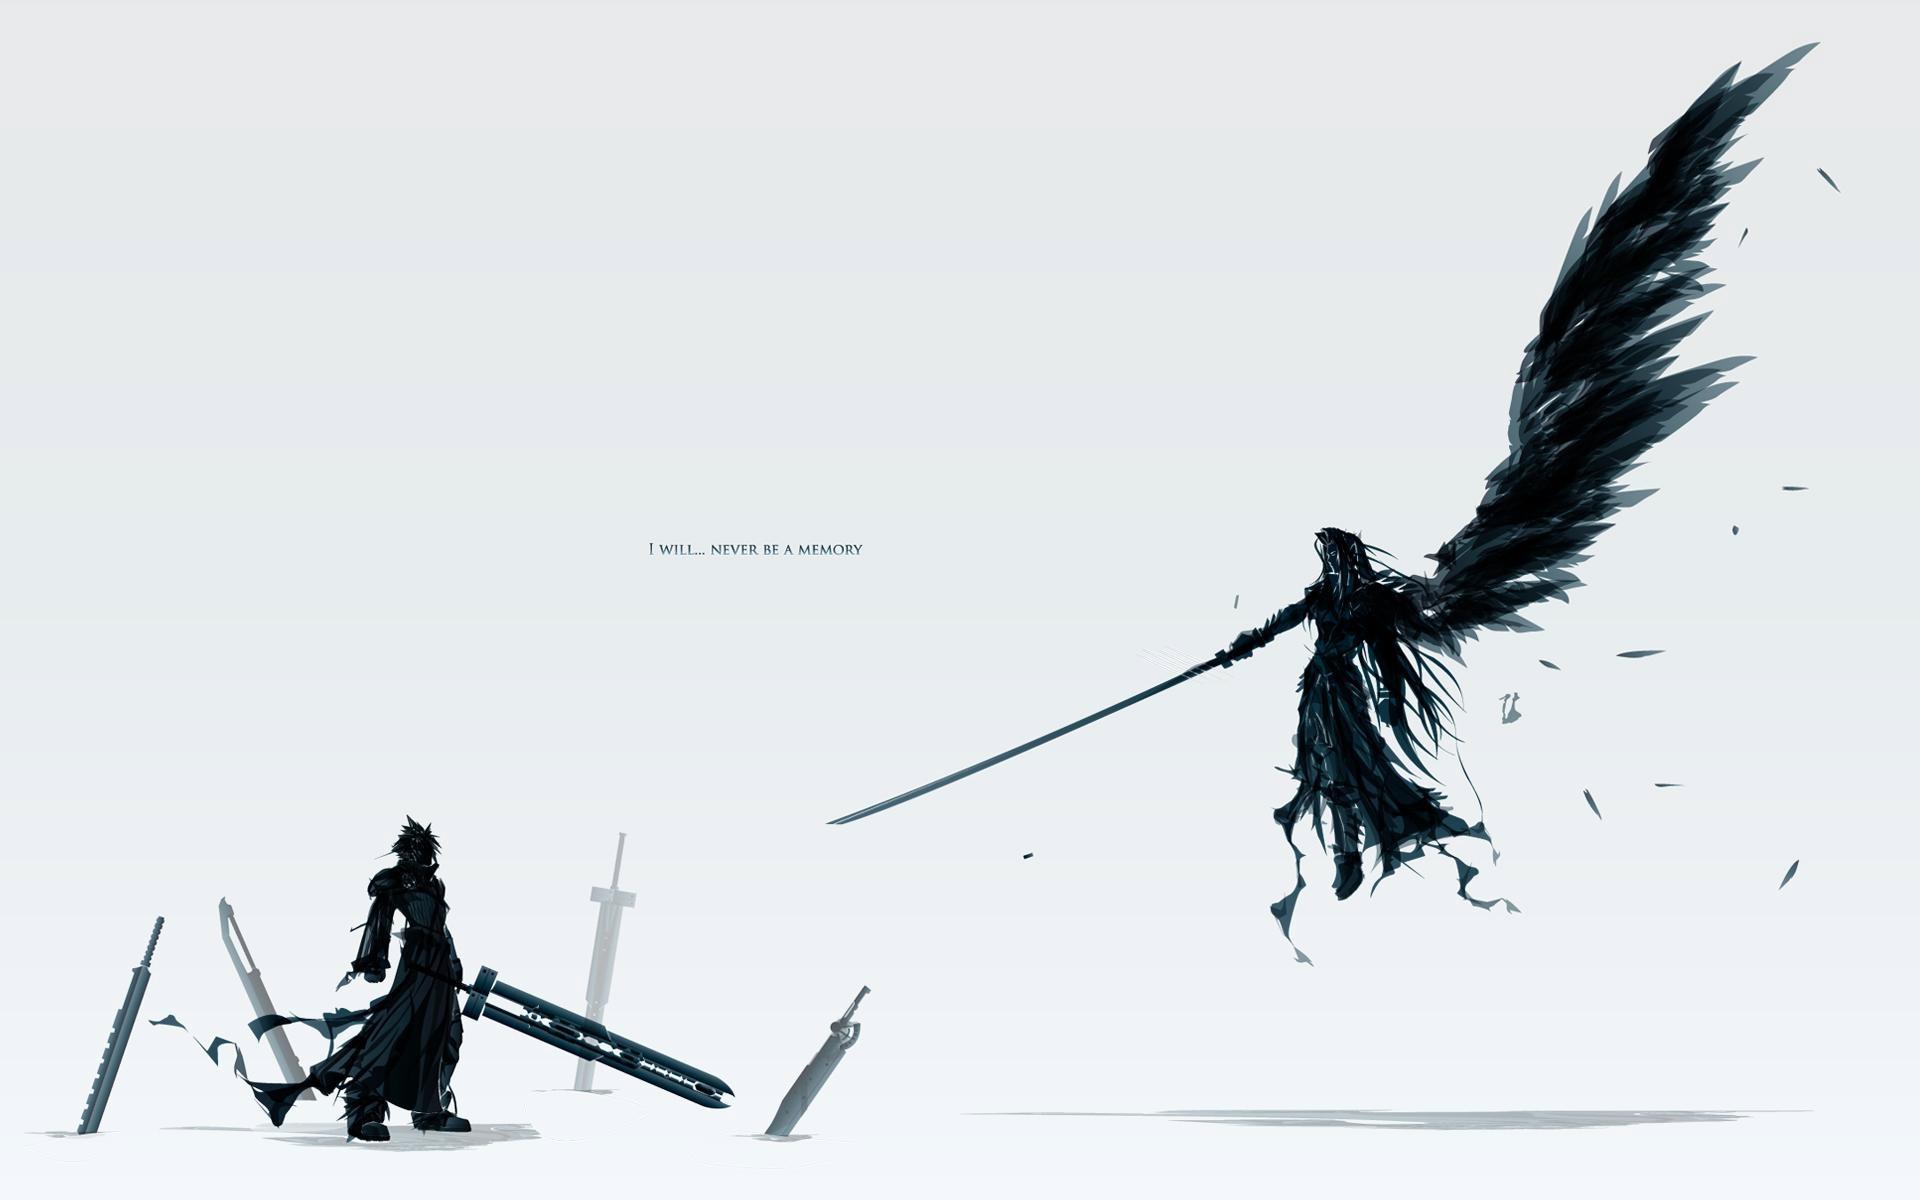 最终幻想7圣子降临_评论 1 0 其他回答 |2012-01-29 21:34 评论 0 0 圣子降临的同人画作